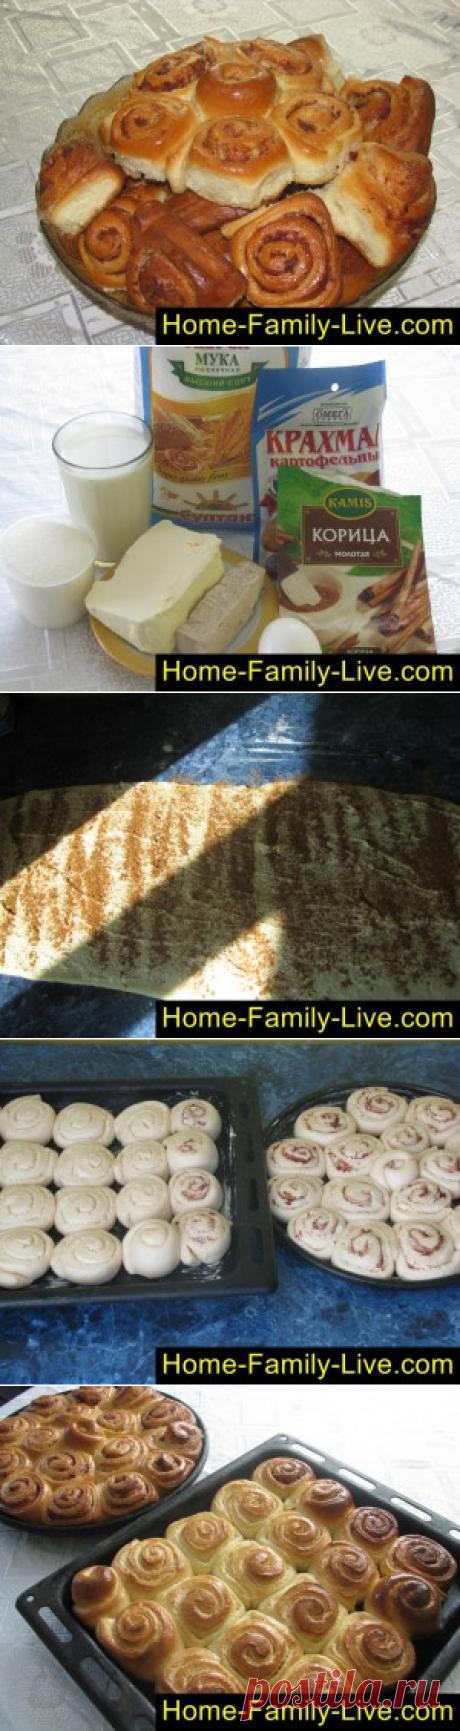 Булочки с корицей - пошаговый фоторецепт - французские булочки, улиткиКулинарные рецепты